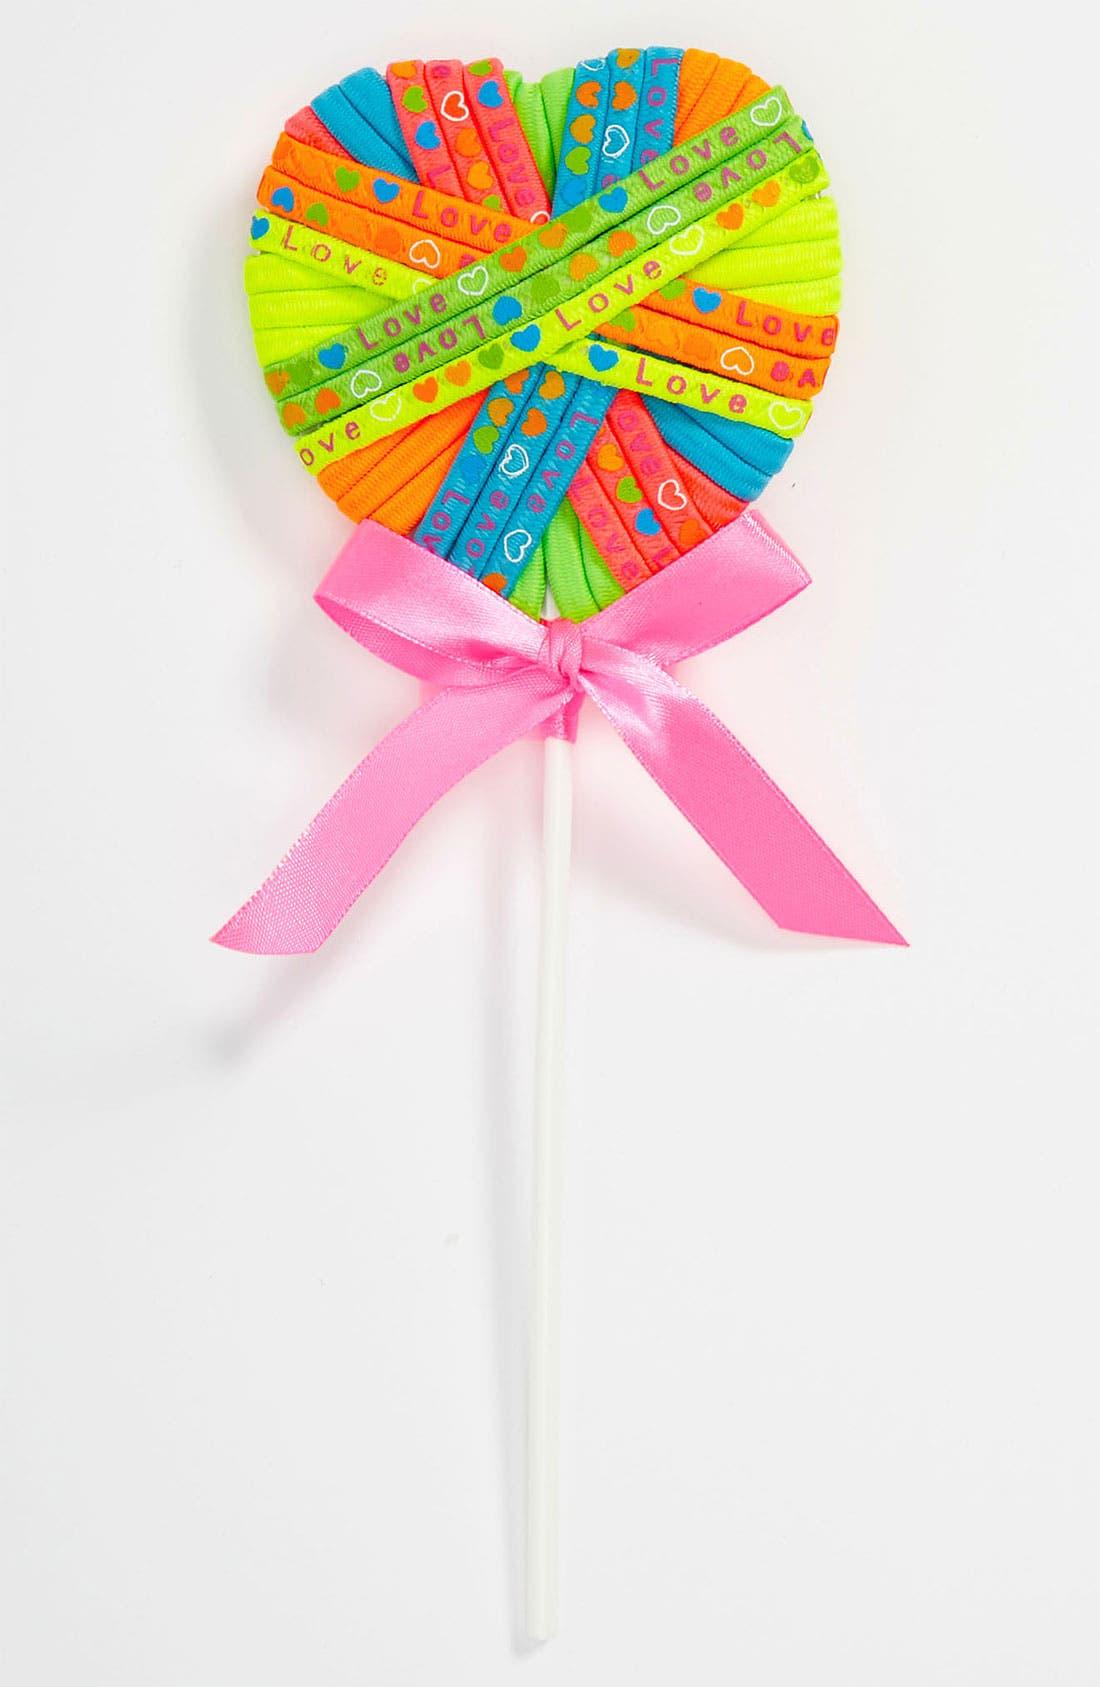 Alternate Image 1 Selected - Capelli of New York Heart Shape Lollipop Ponytail Holder Set (Girls)